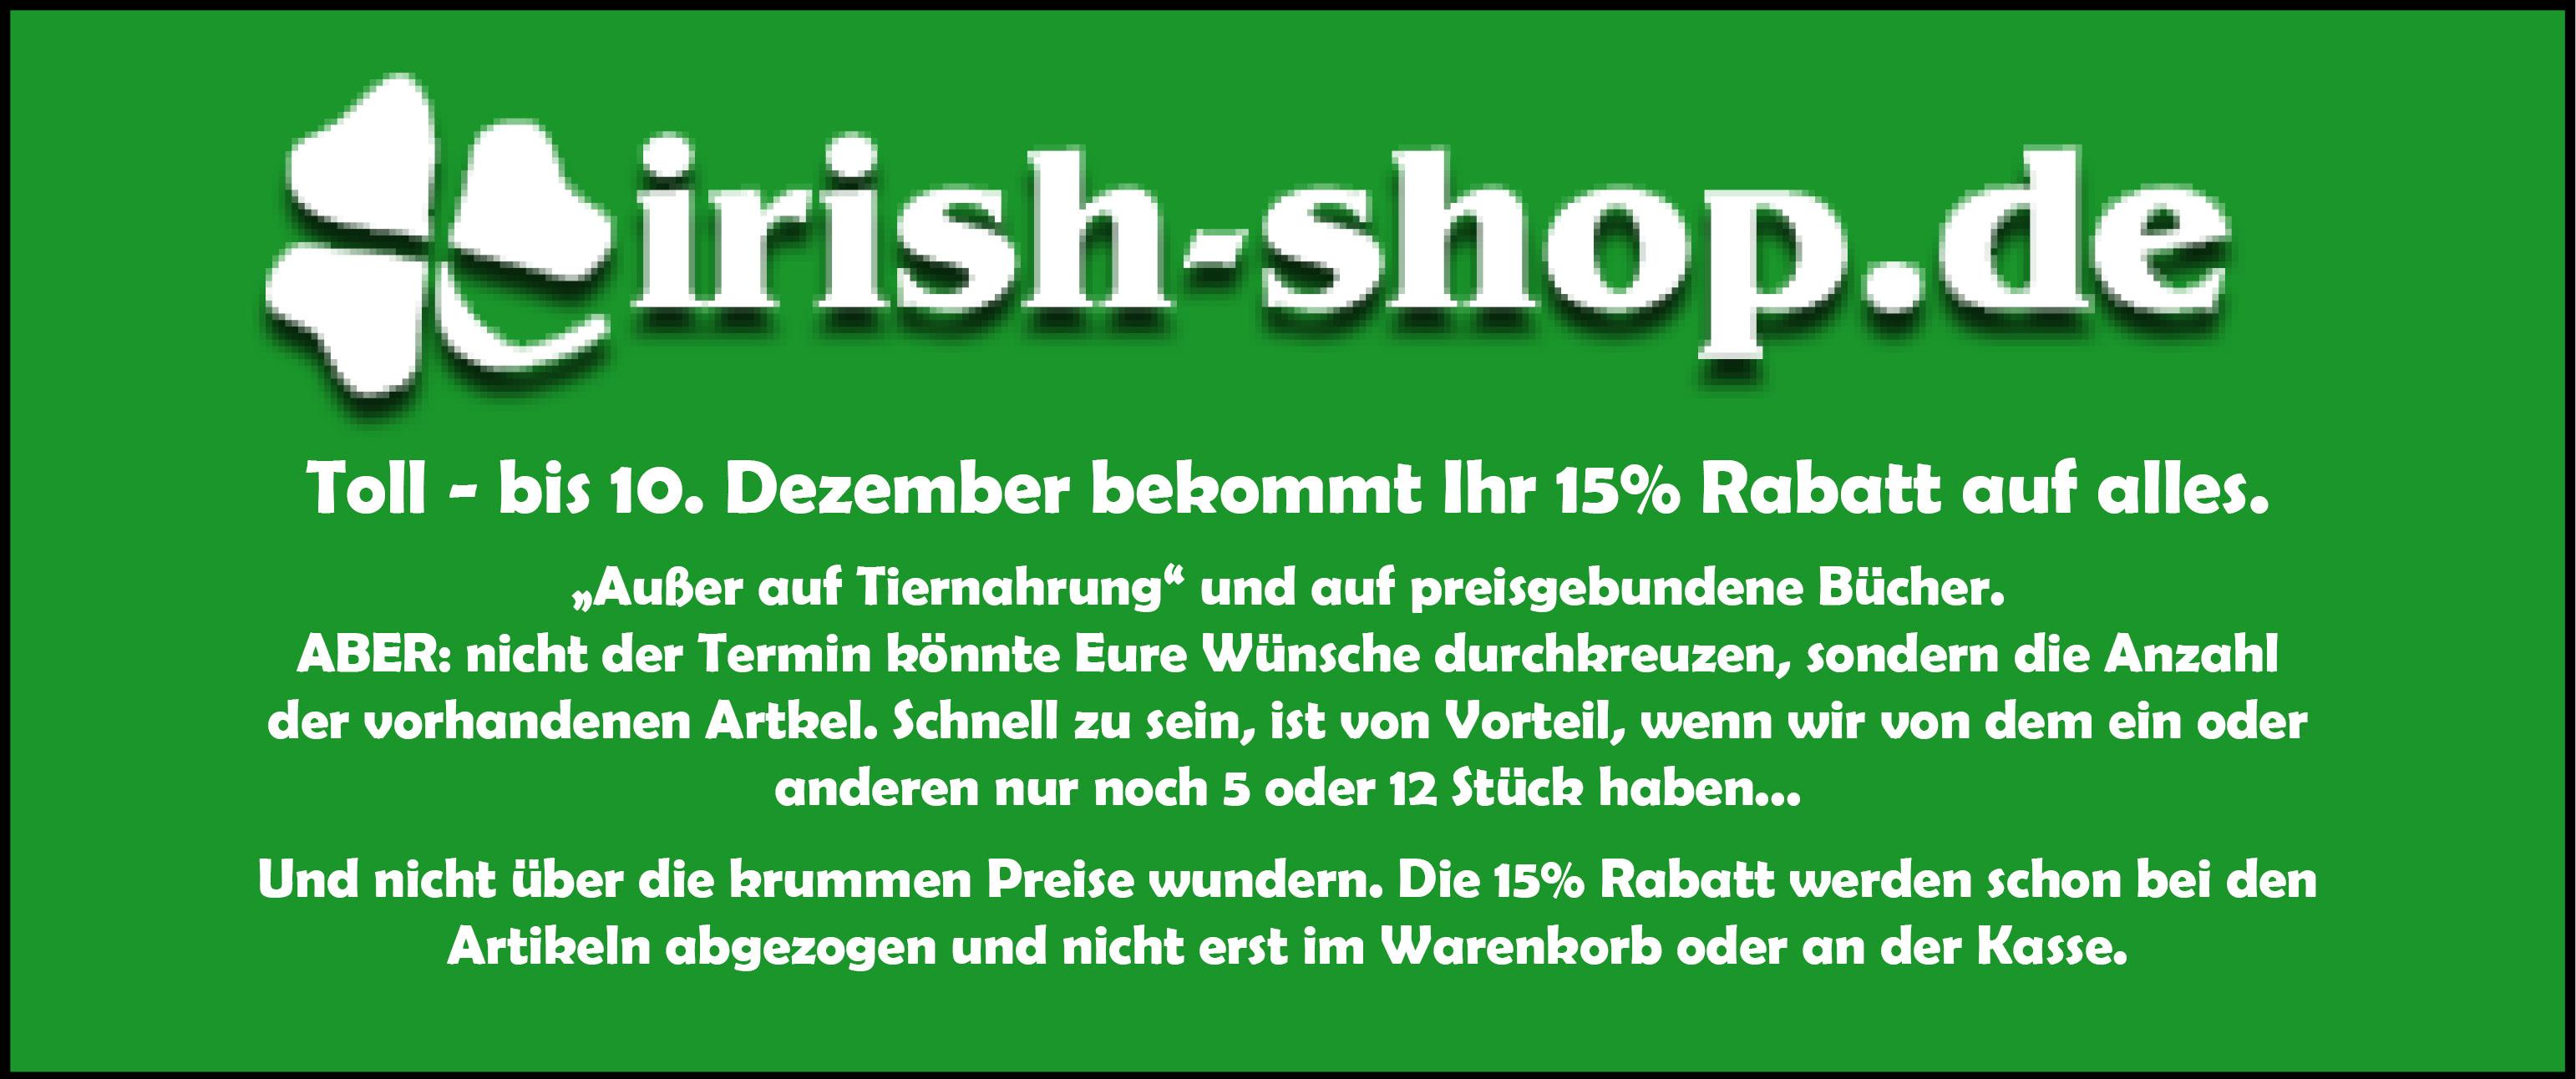 Banner - 15% Rabatt Irish-Shop 2018